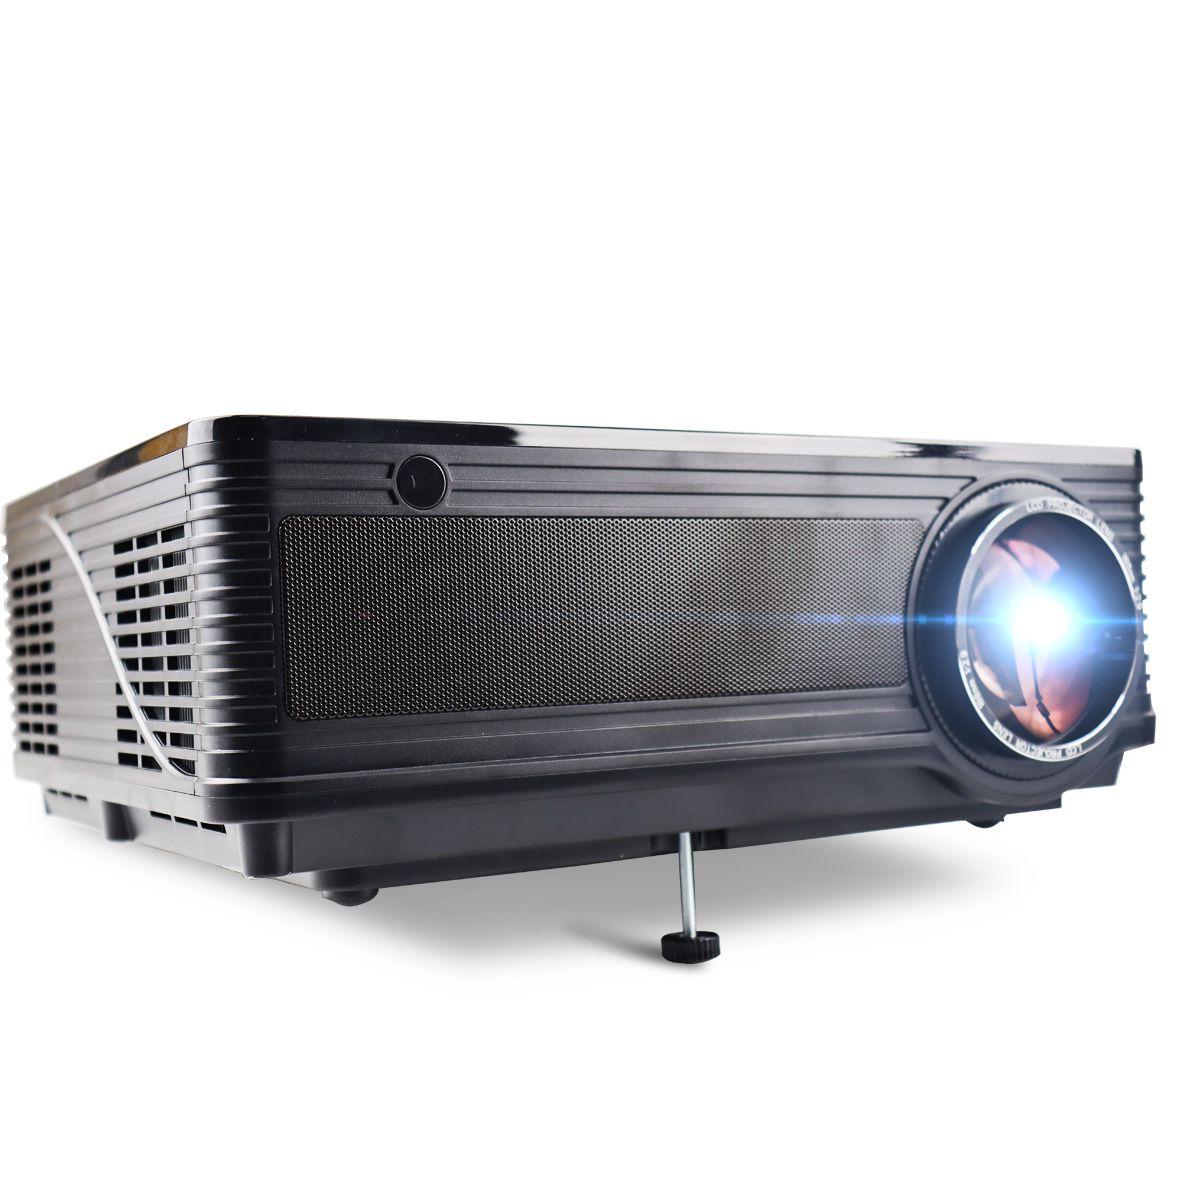 Projetor Multimídia de LED 2800 Lúmens Exbom PJ-V220